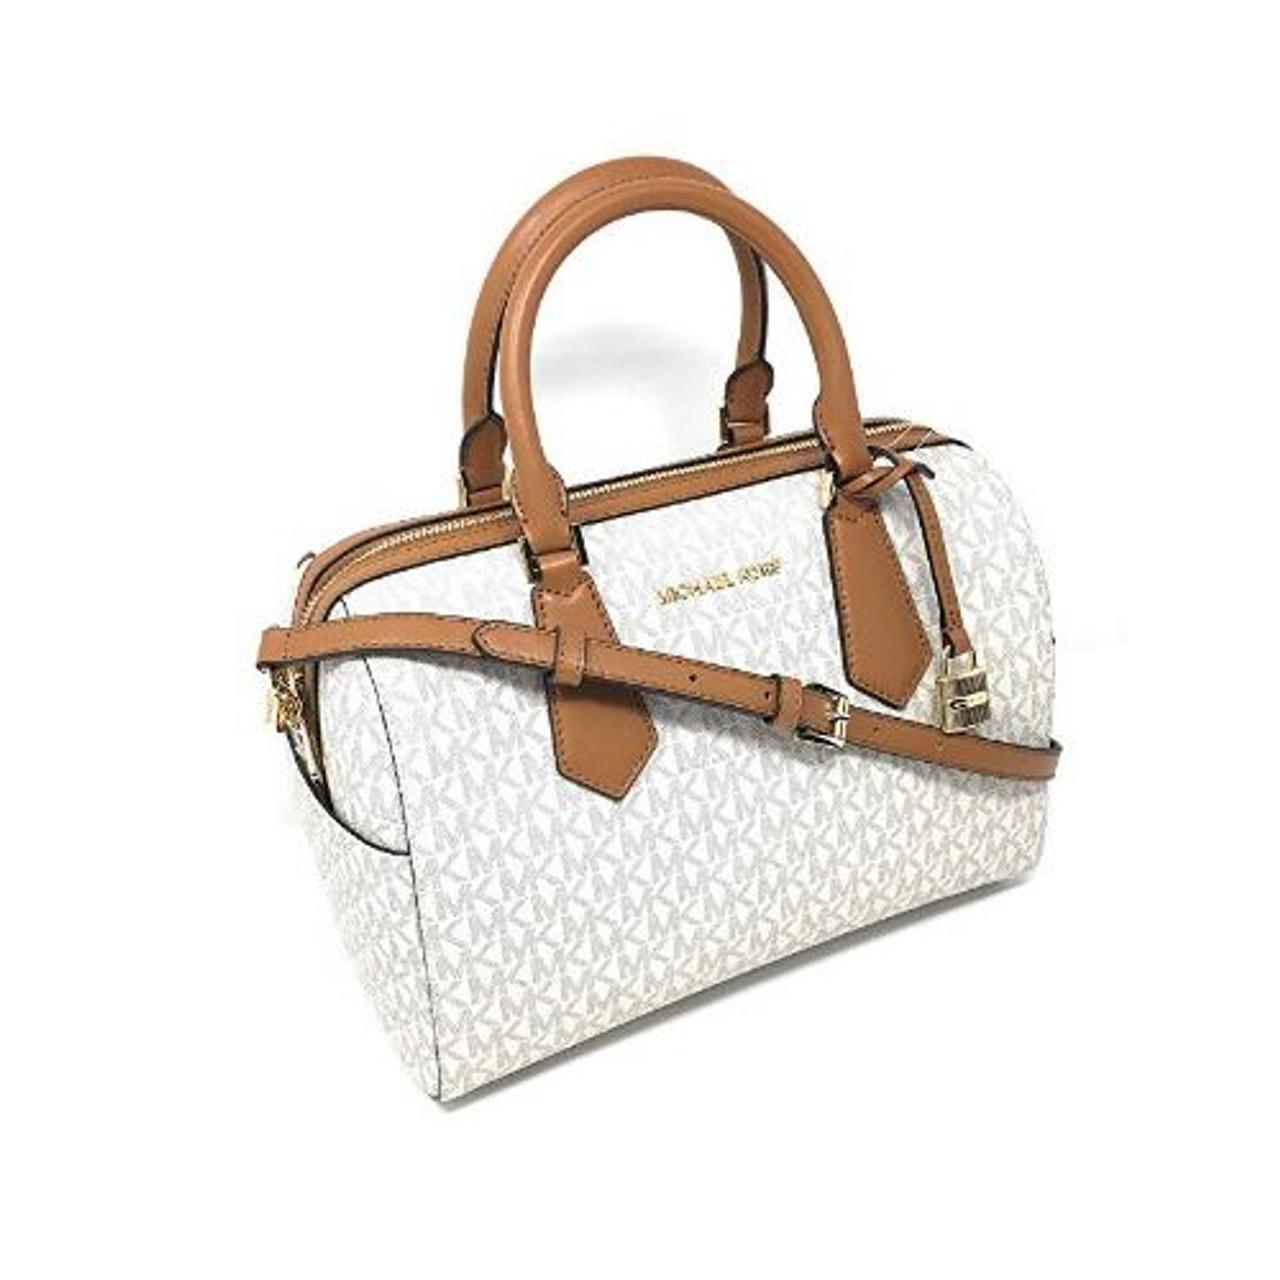 Michael Kors Hayes Large Duffle Satchel Bag Vanilla MK Signature 35H8GYEU3B 150